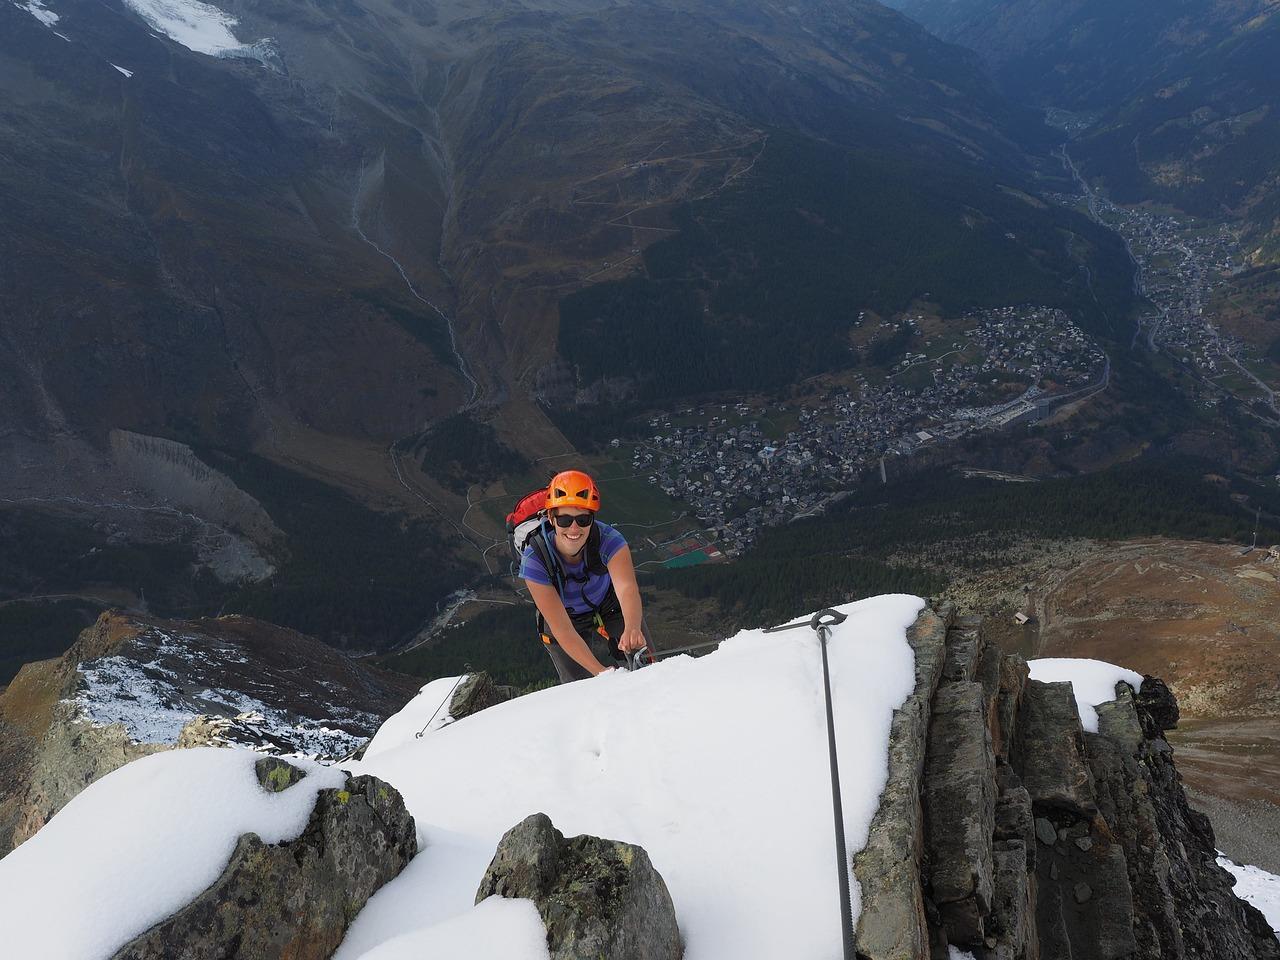 1855424146-klettersteige_alpen_strecken_touren.jpg